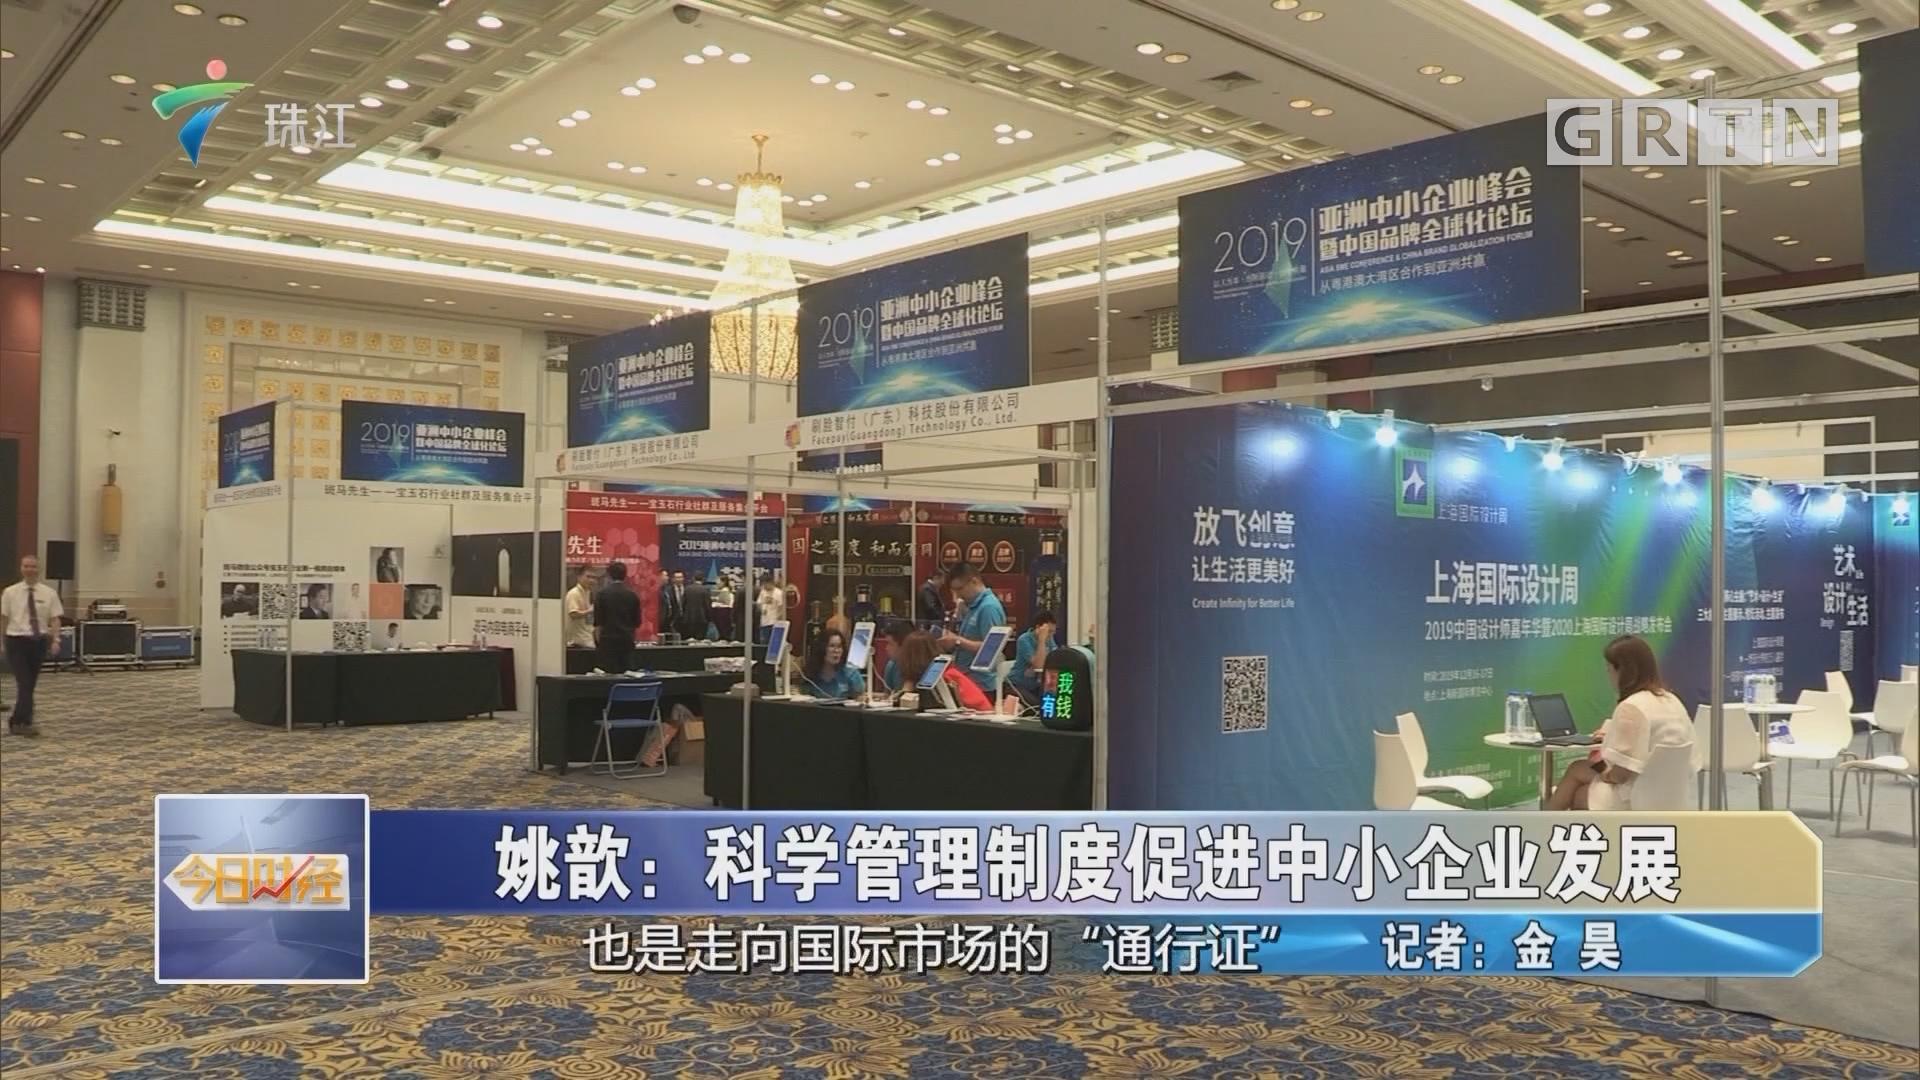 姚歆:科学管理制度促进中小企业发展